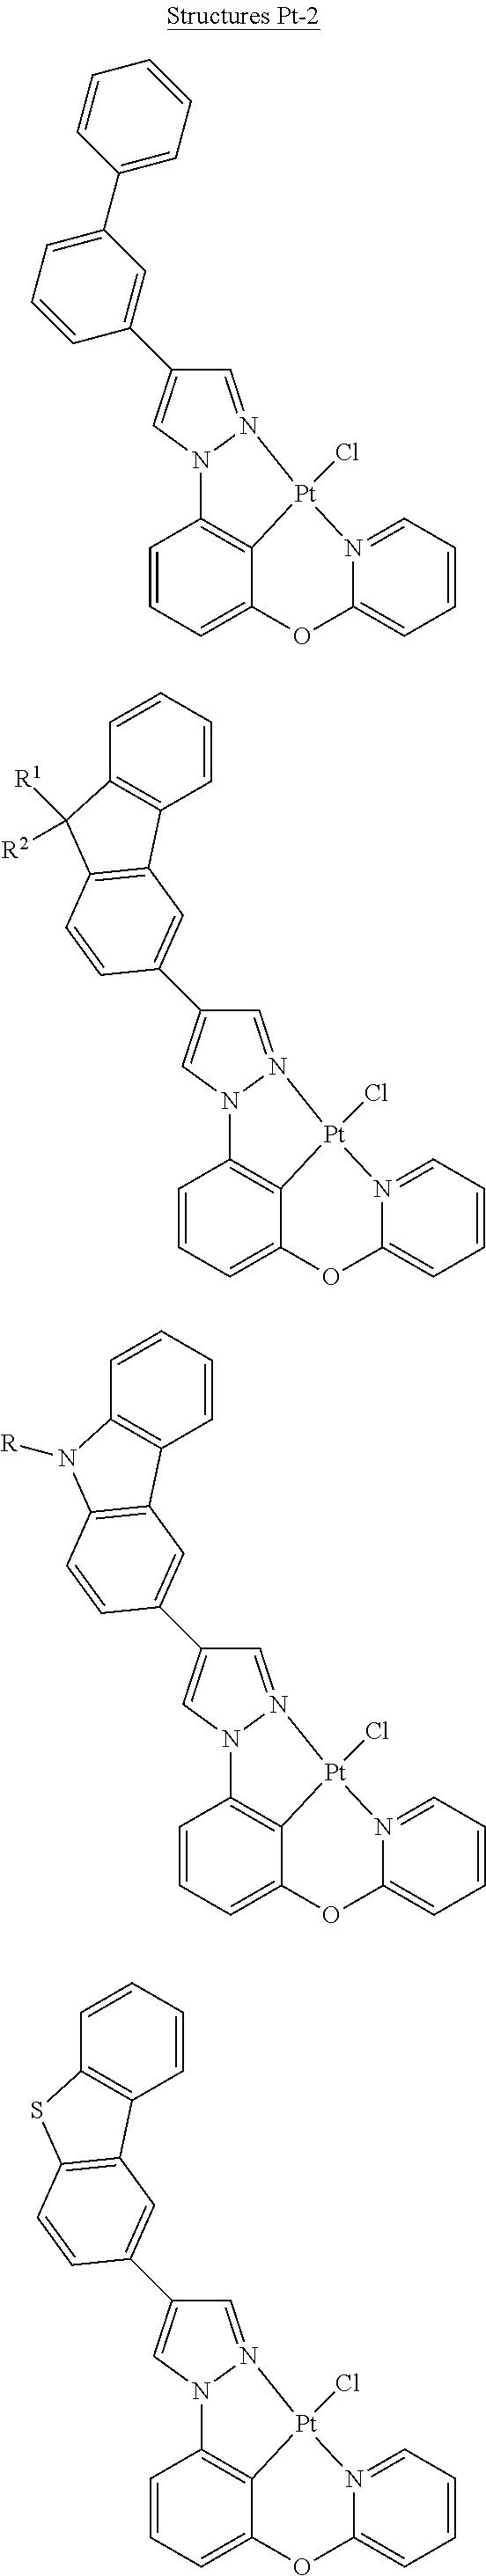 Figure US09818959-20171114-C00128